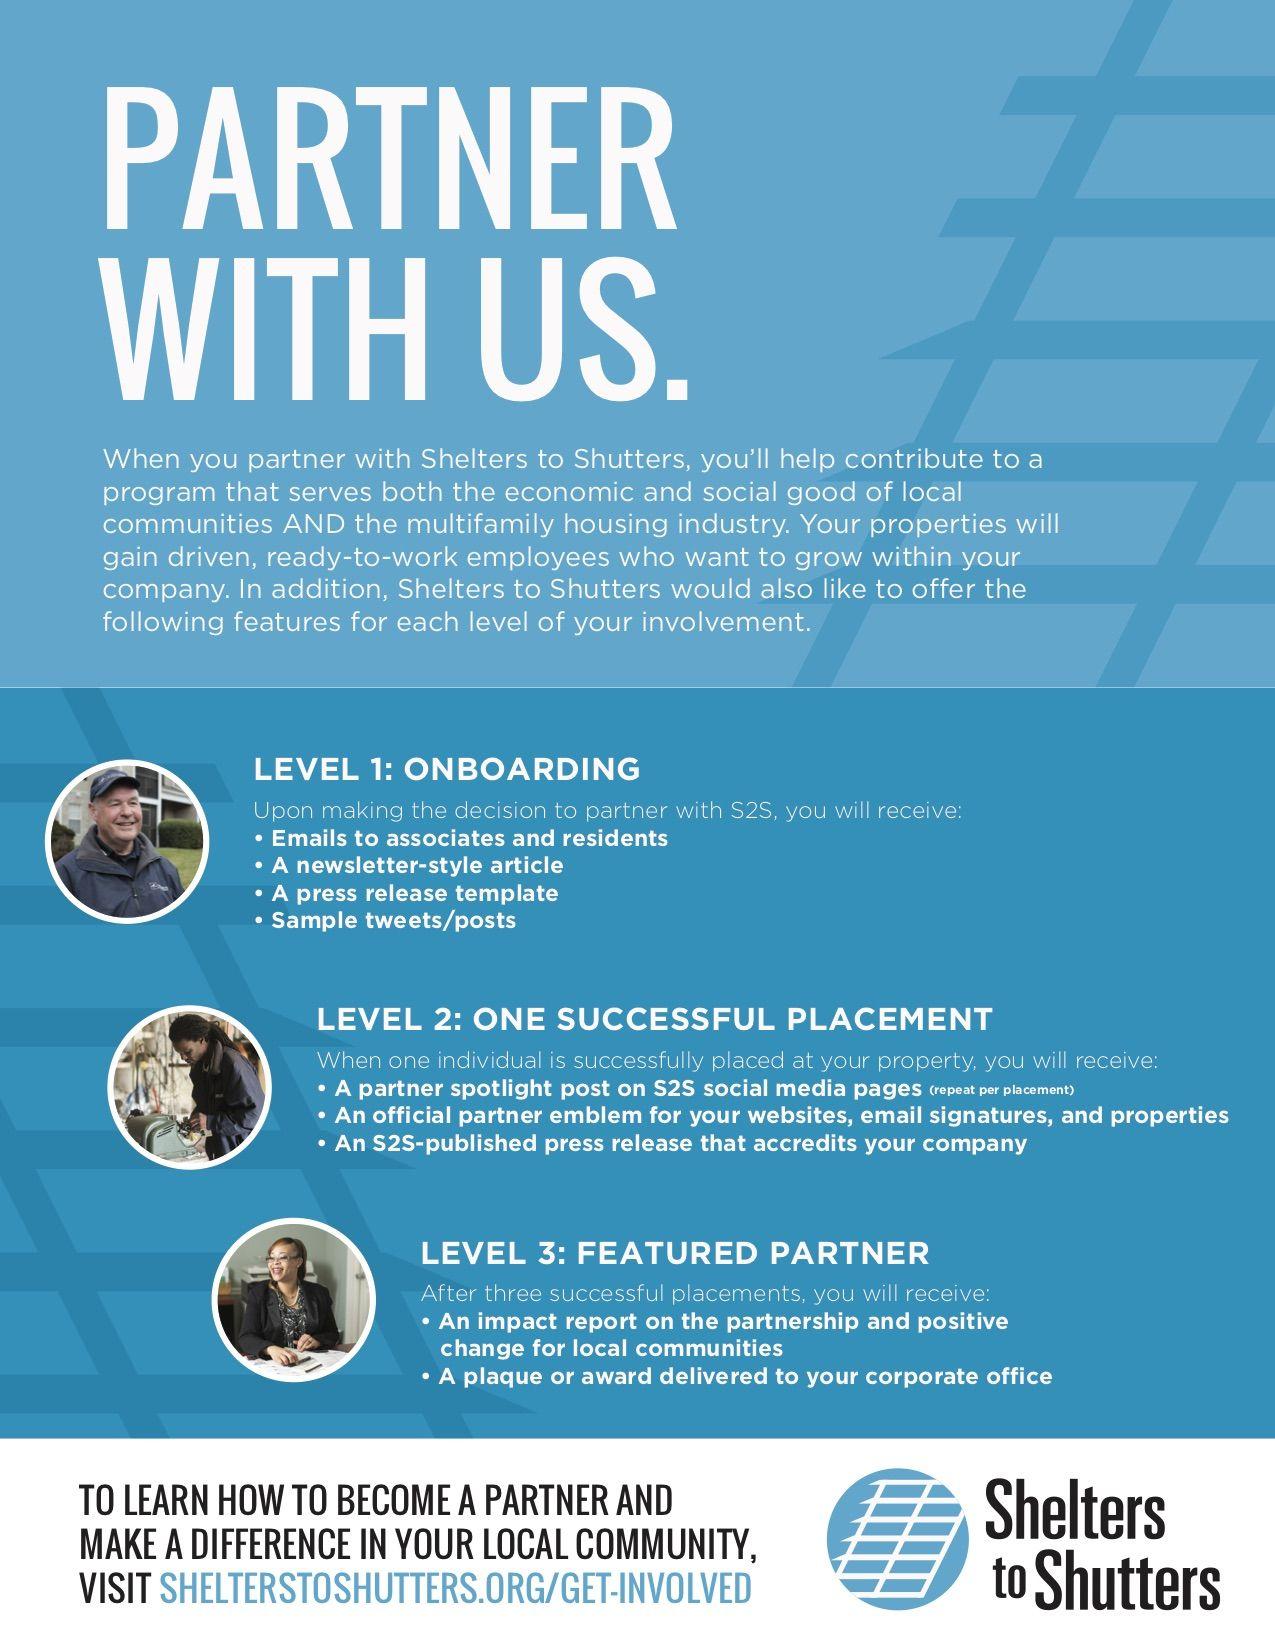 Property Management Partnership Property Management Management Partnership